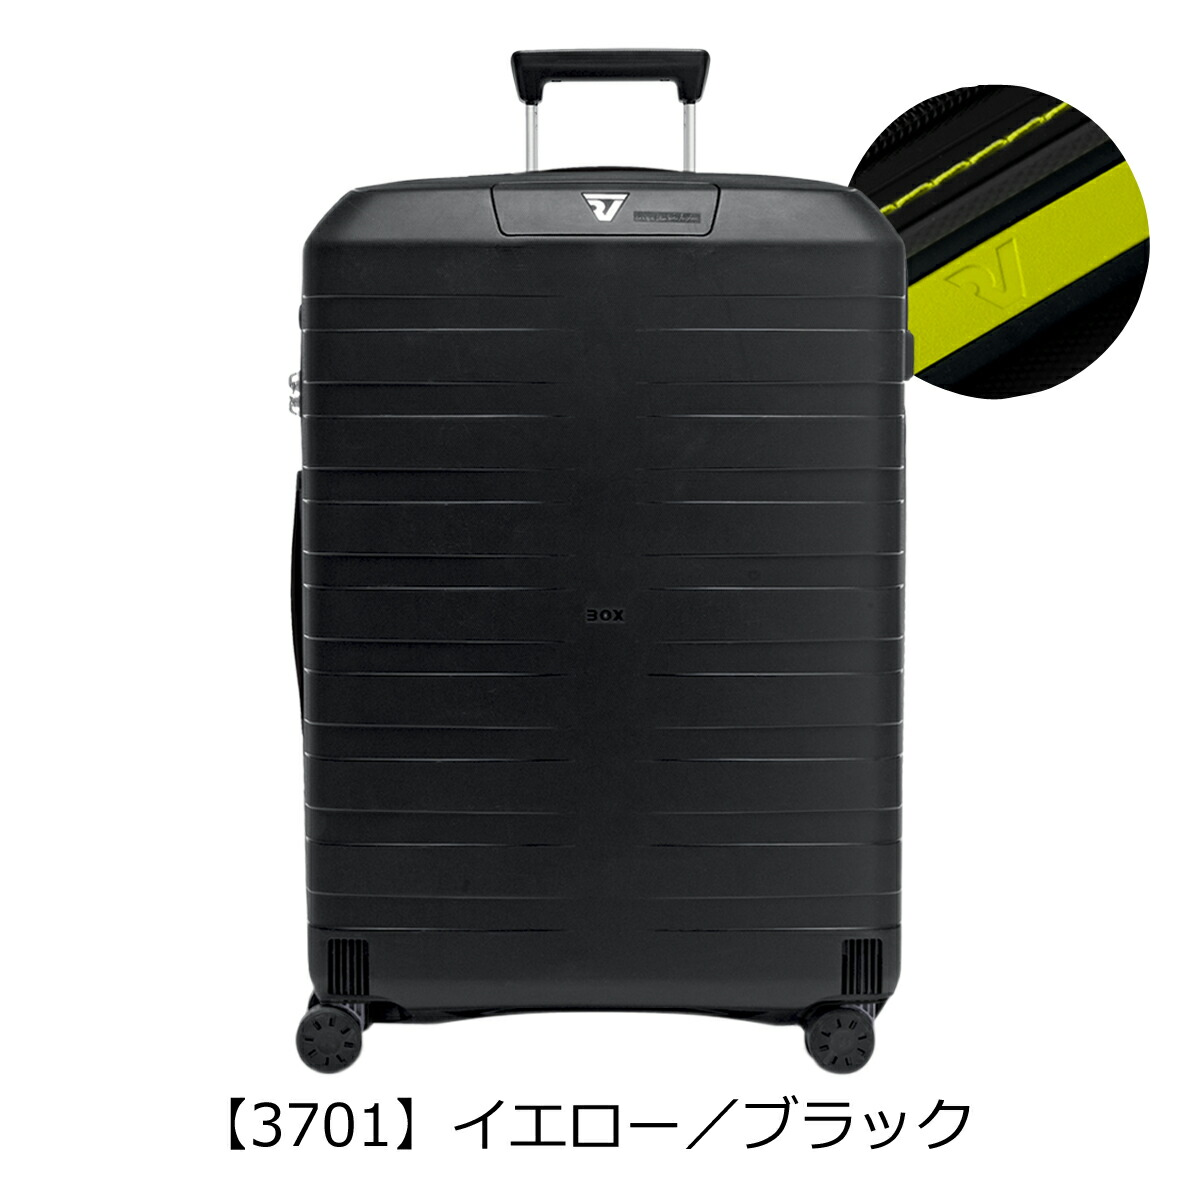 【3701】イエロー/ブラック